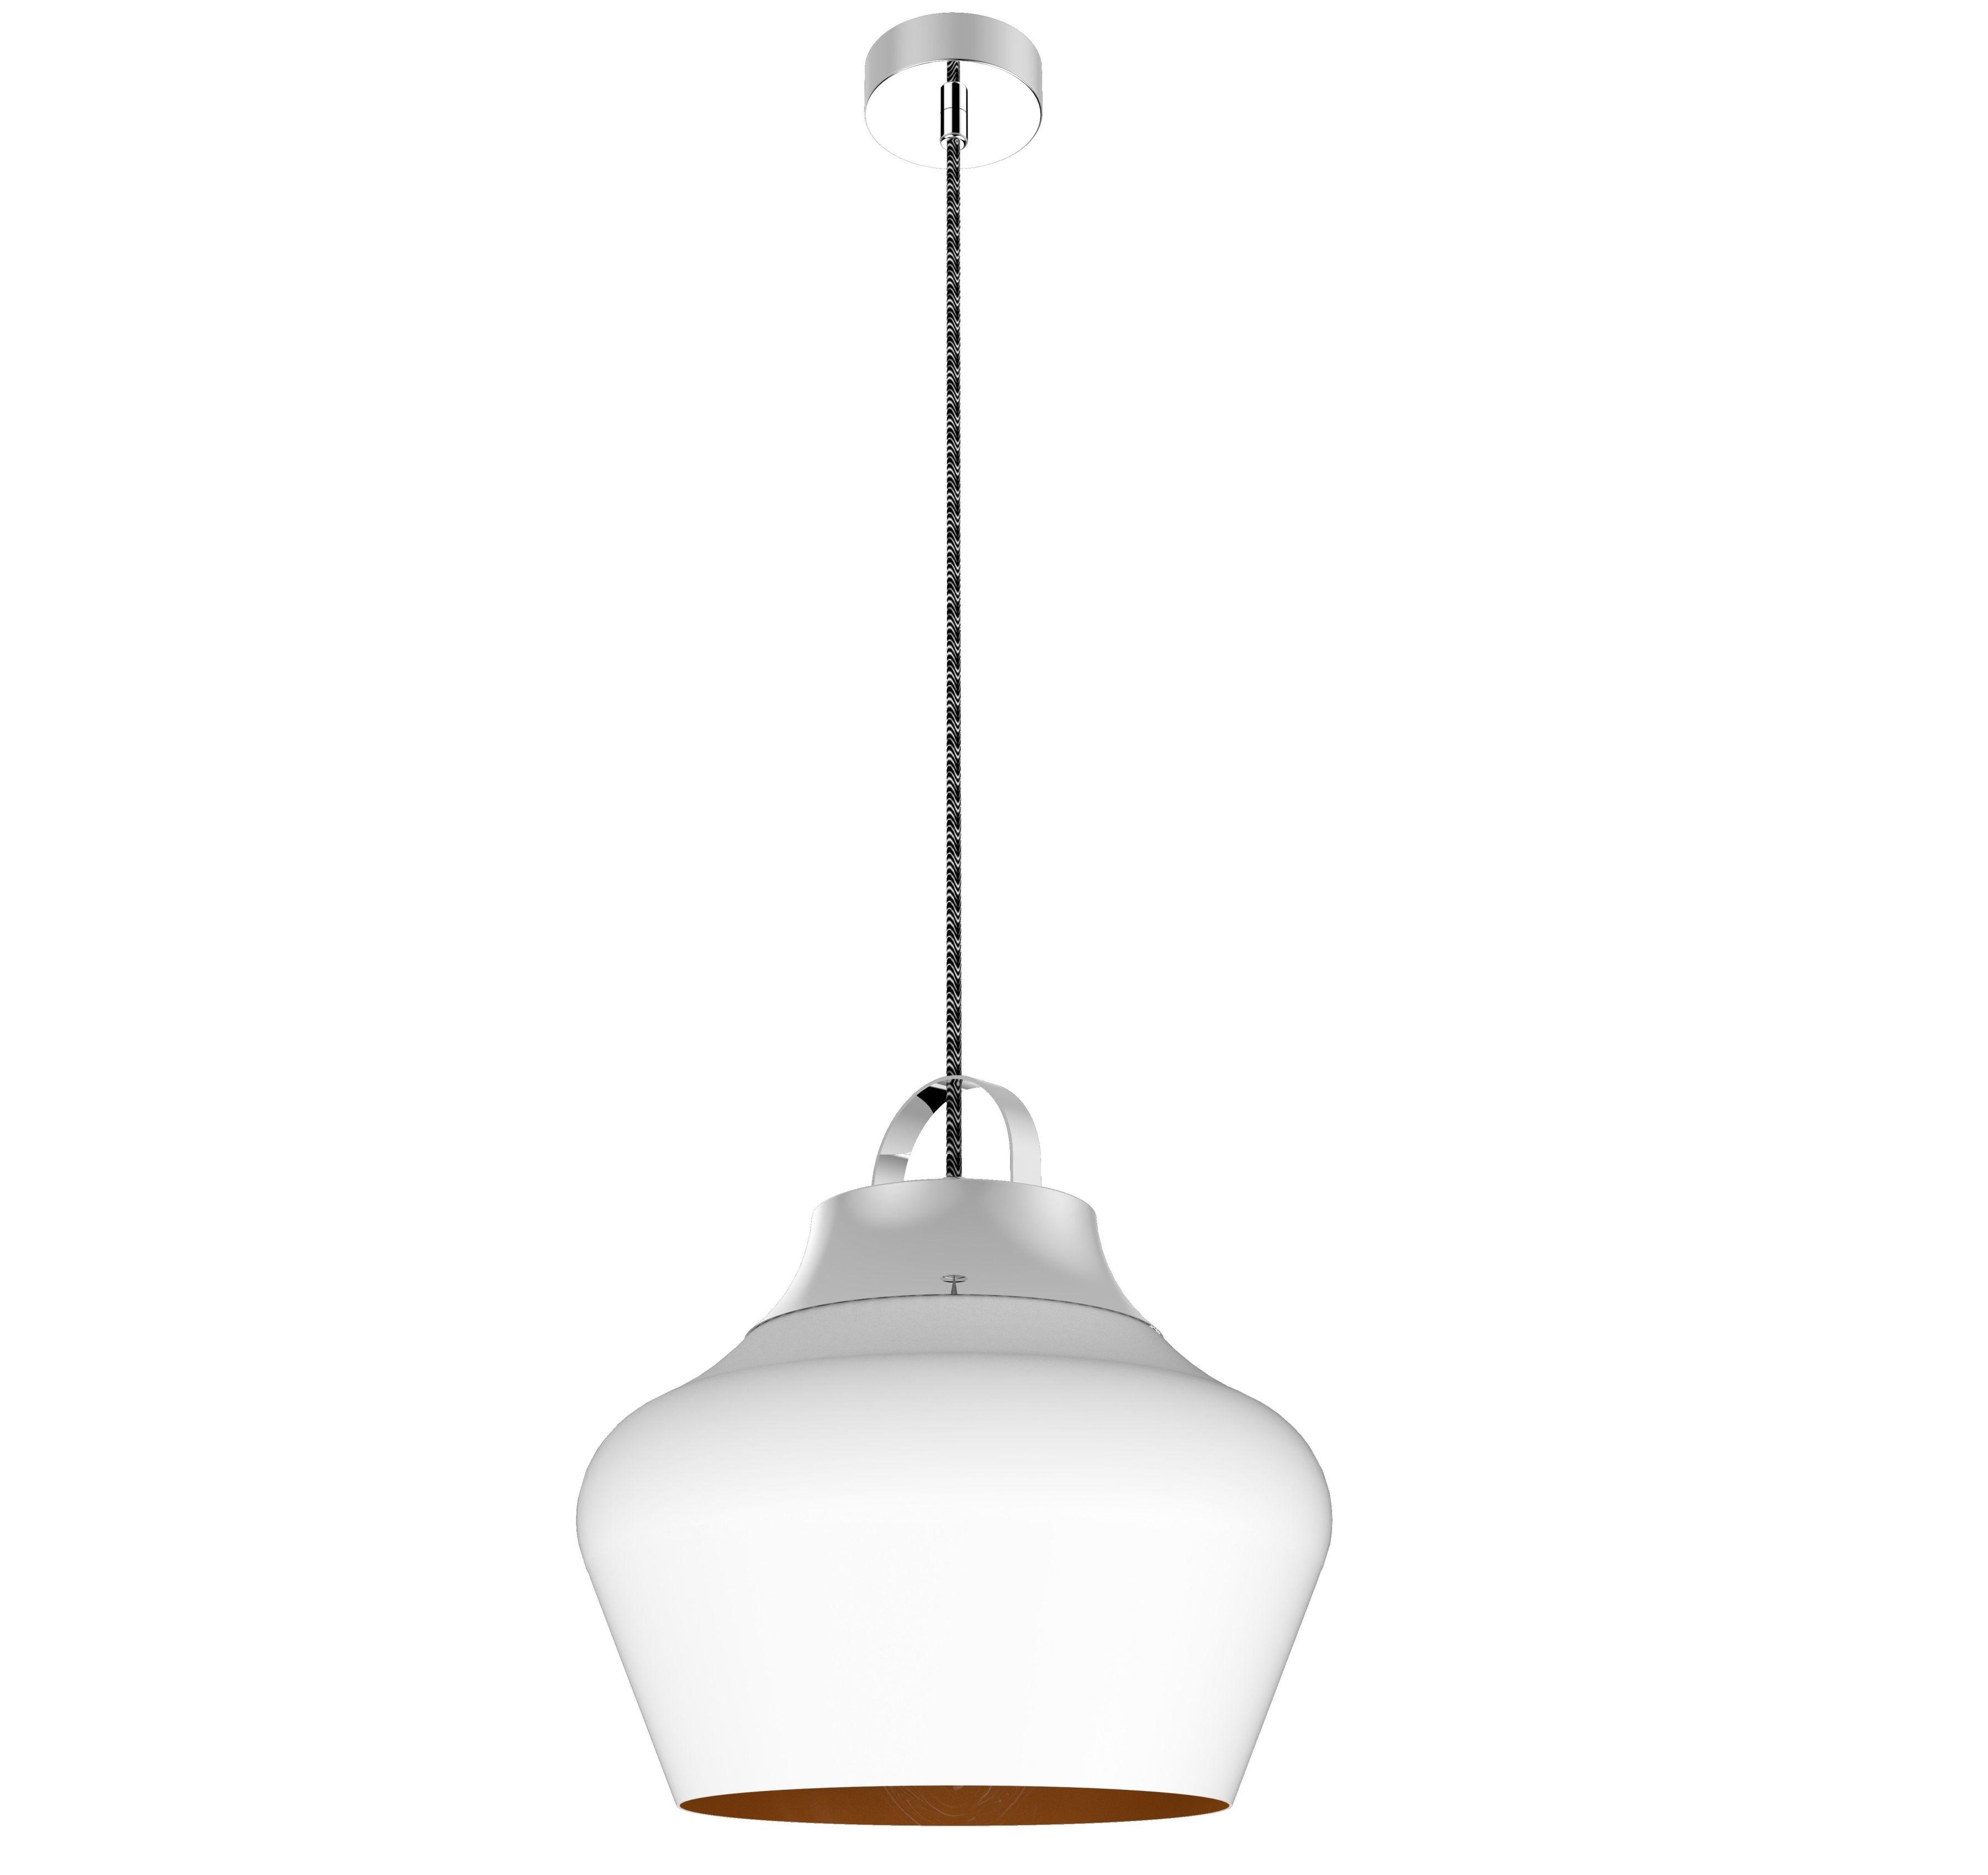 KETER LIGHTING LAMPA ZWIS NEGRO WHITE 130